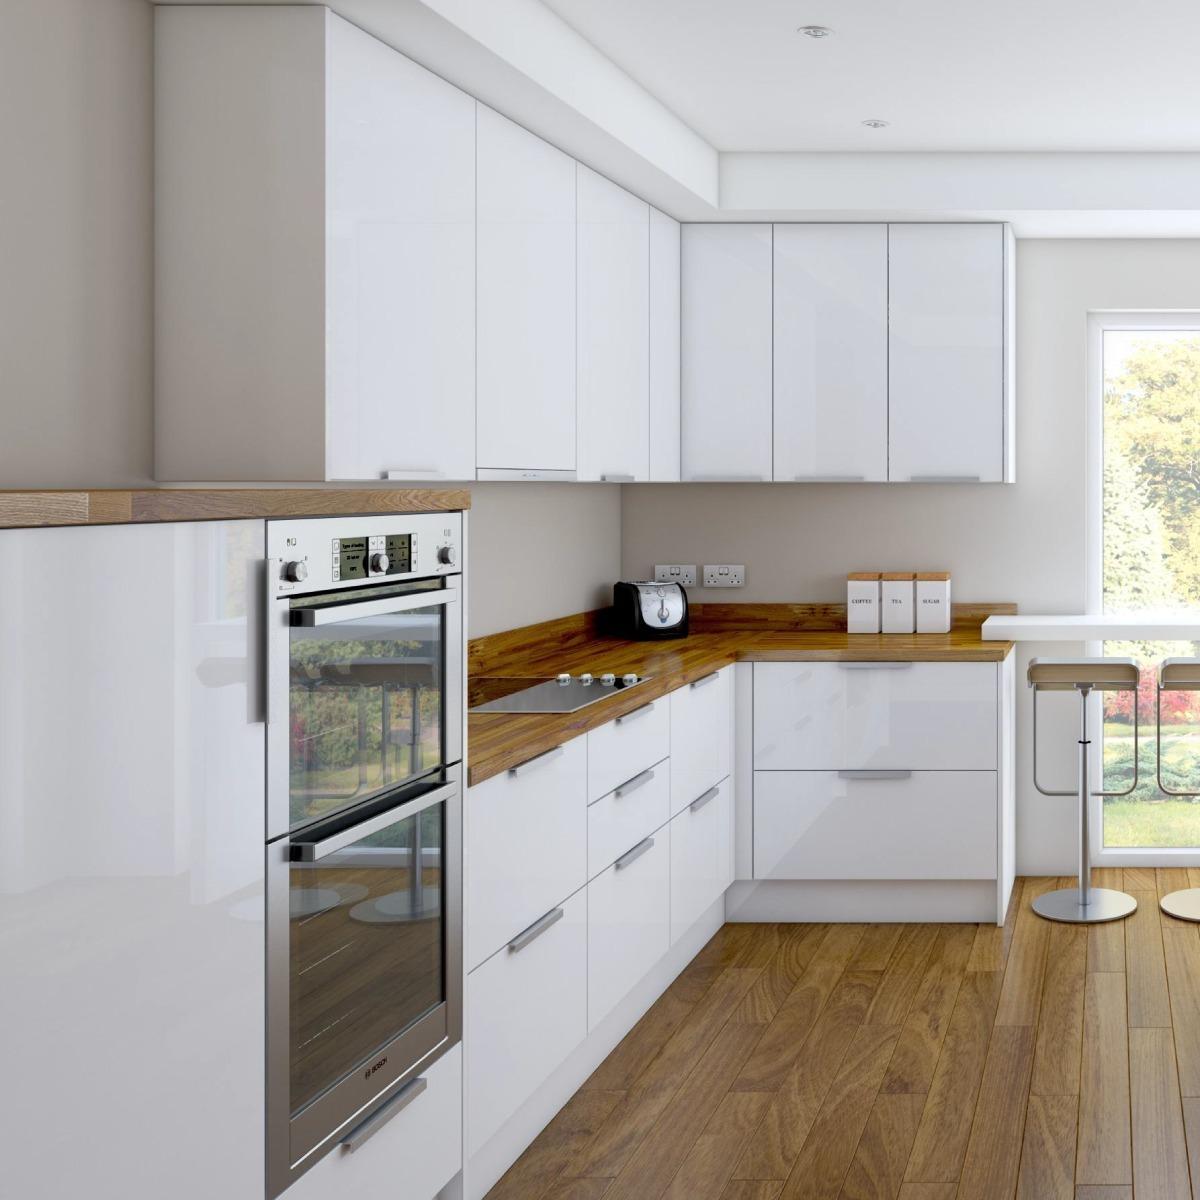 Cocina Minimalista / Muebles De Cocina / Diseño Italiano /m4